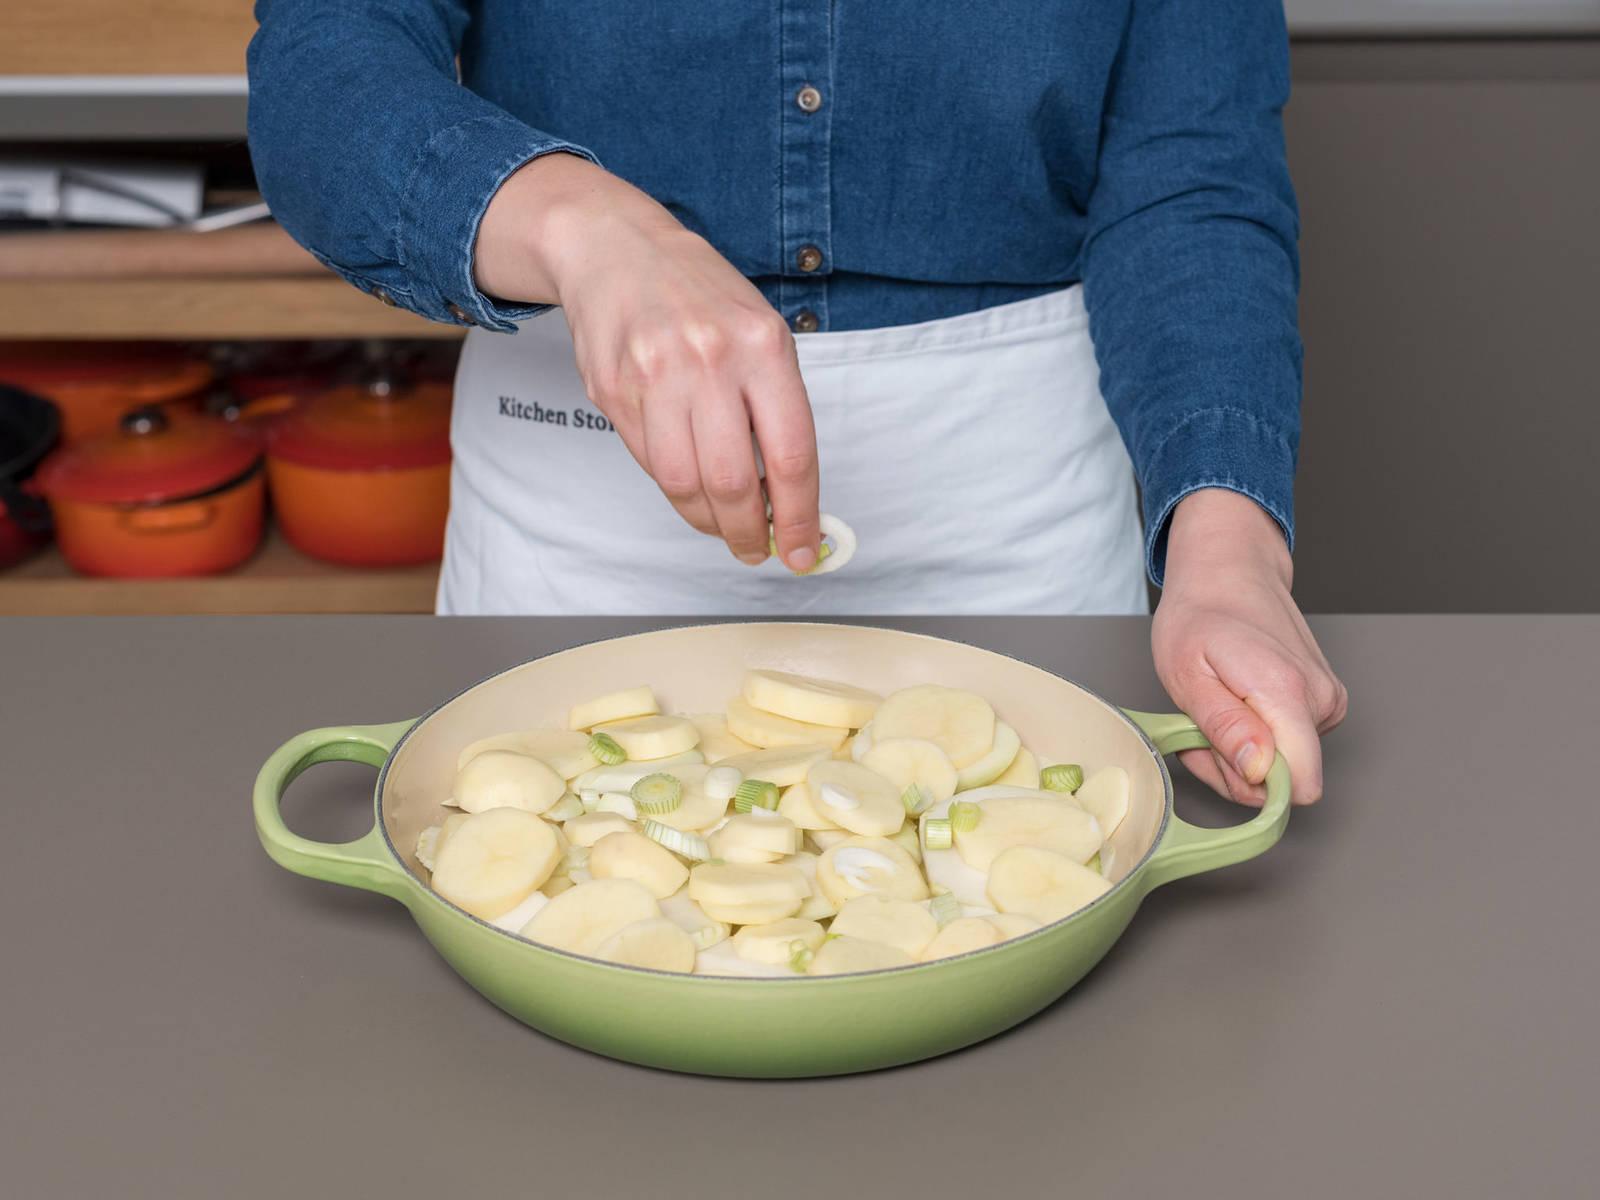 Eine große Auflaufform mit Butter einfetten. Einen Teil der geschnittenen Zwiebeln und Frühlingszwiebeln hineinlegen und eine Schicht Kartoffel- und Kohlrabischeiben darauf verteilen. Direkt eine zweite Schicht darüber legen. Für die dritte Schicht erneut Zwiebel und Frühlingszwiebel dazugeben. Anschließend den Schinken und einen Teil des Emmentalers und der Haferflocken darauf verteilen. Die restlichen Kartoffel- und Kohlrabischeiben darauflegen.